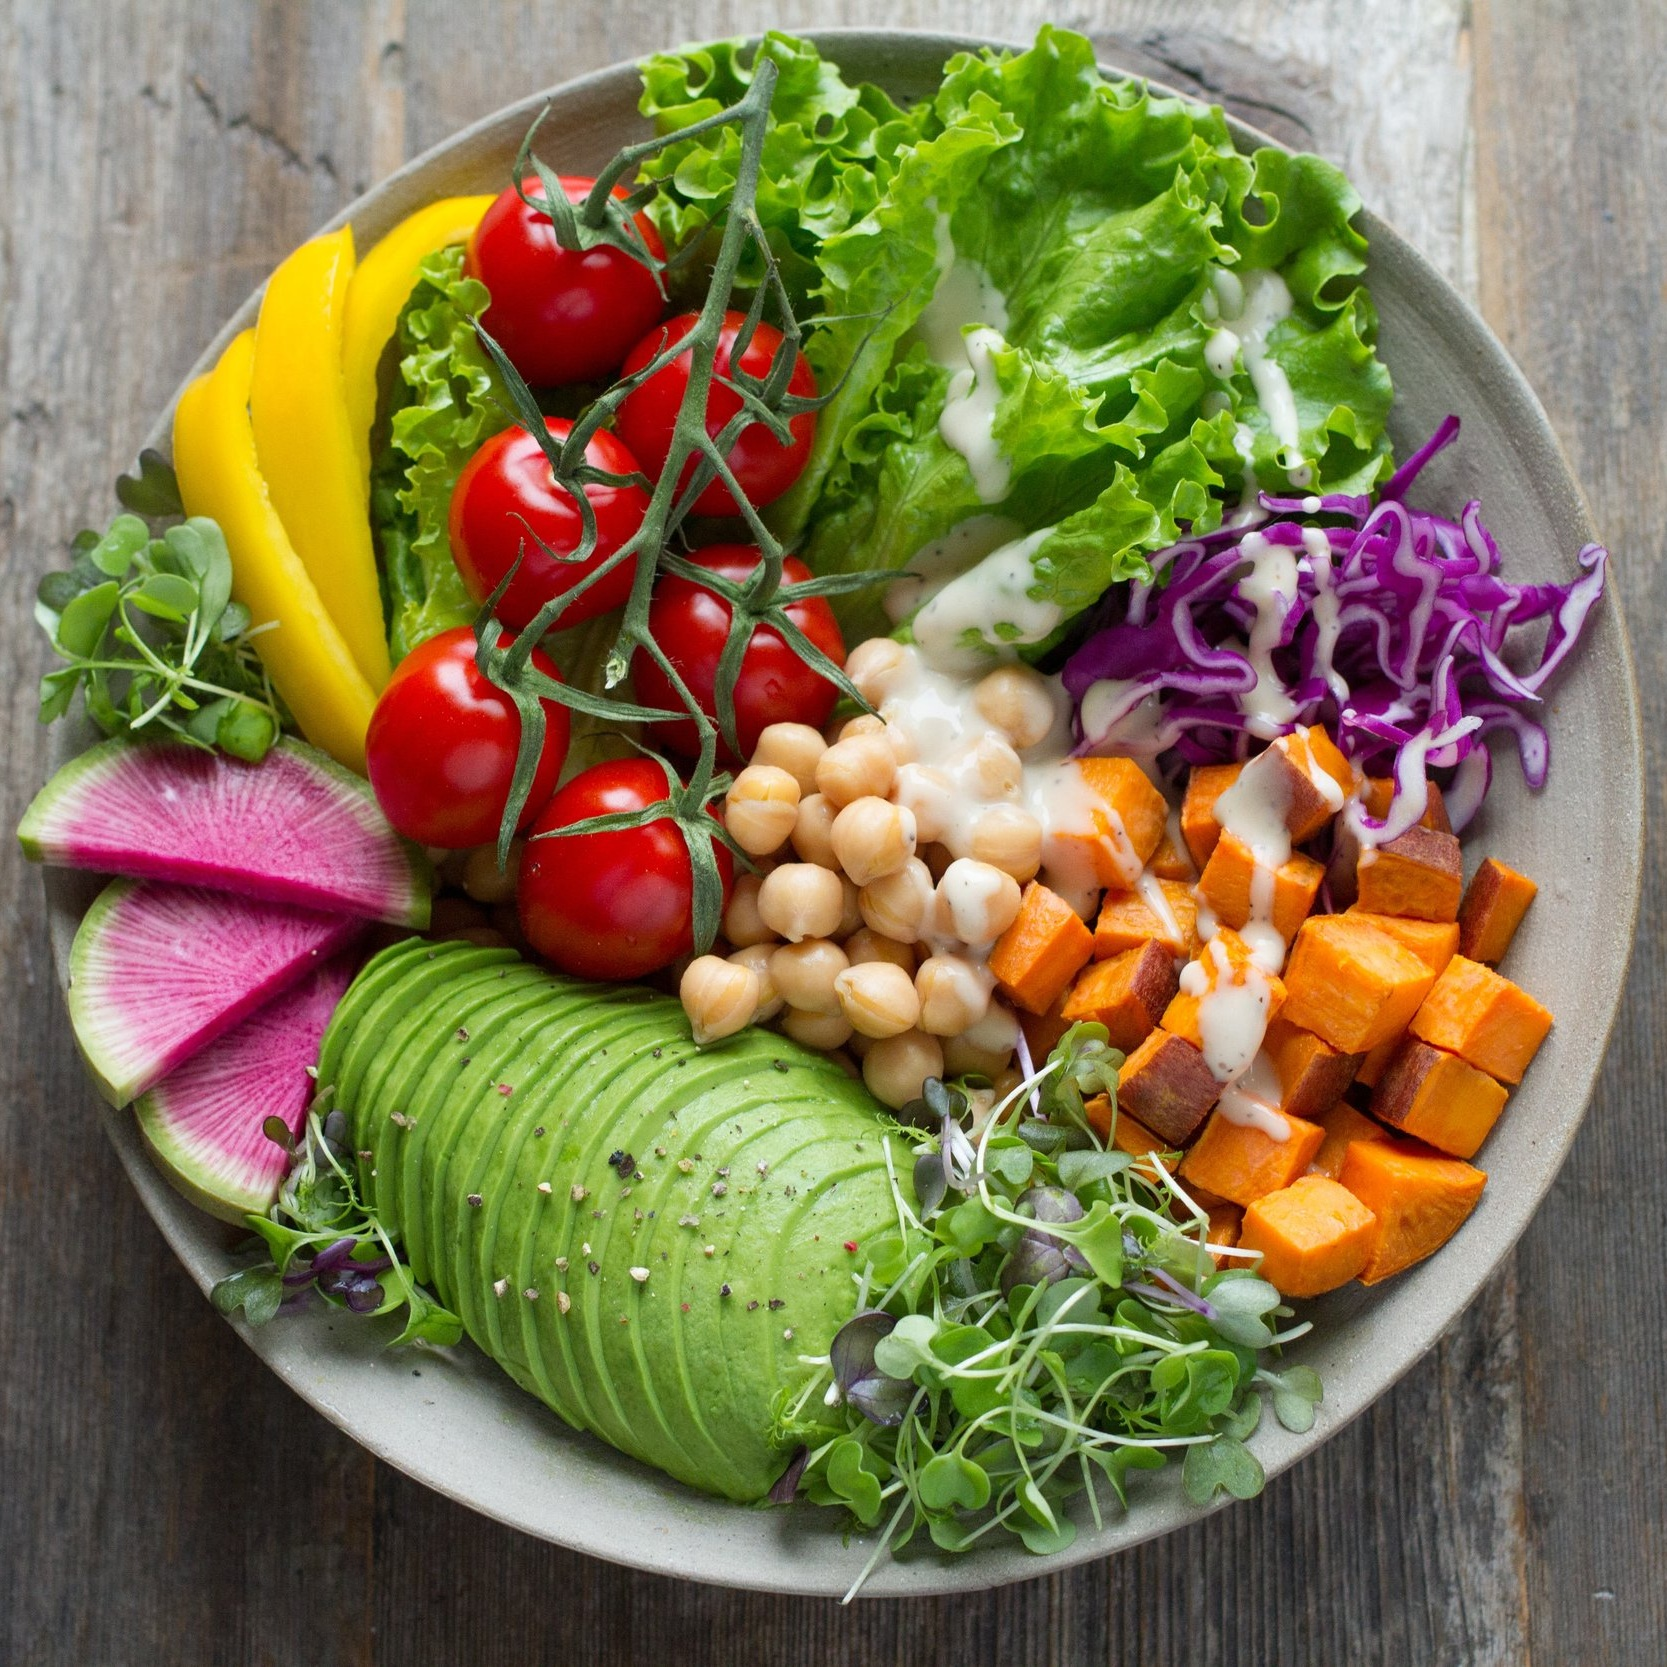 salad-overhead-anna-pelzer-.jpg